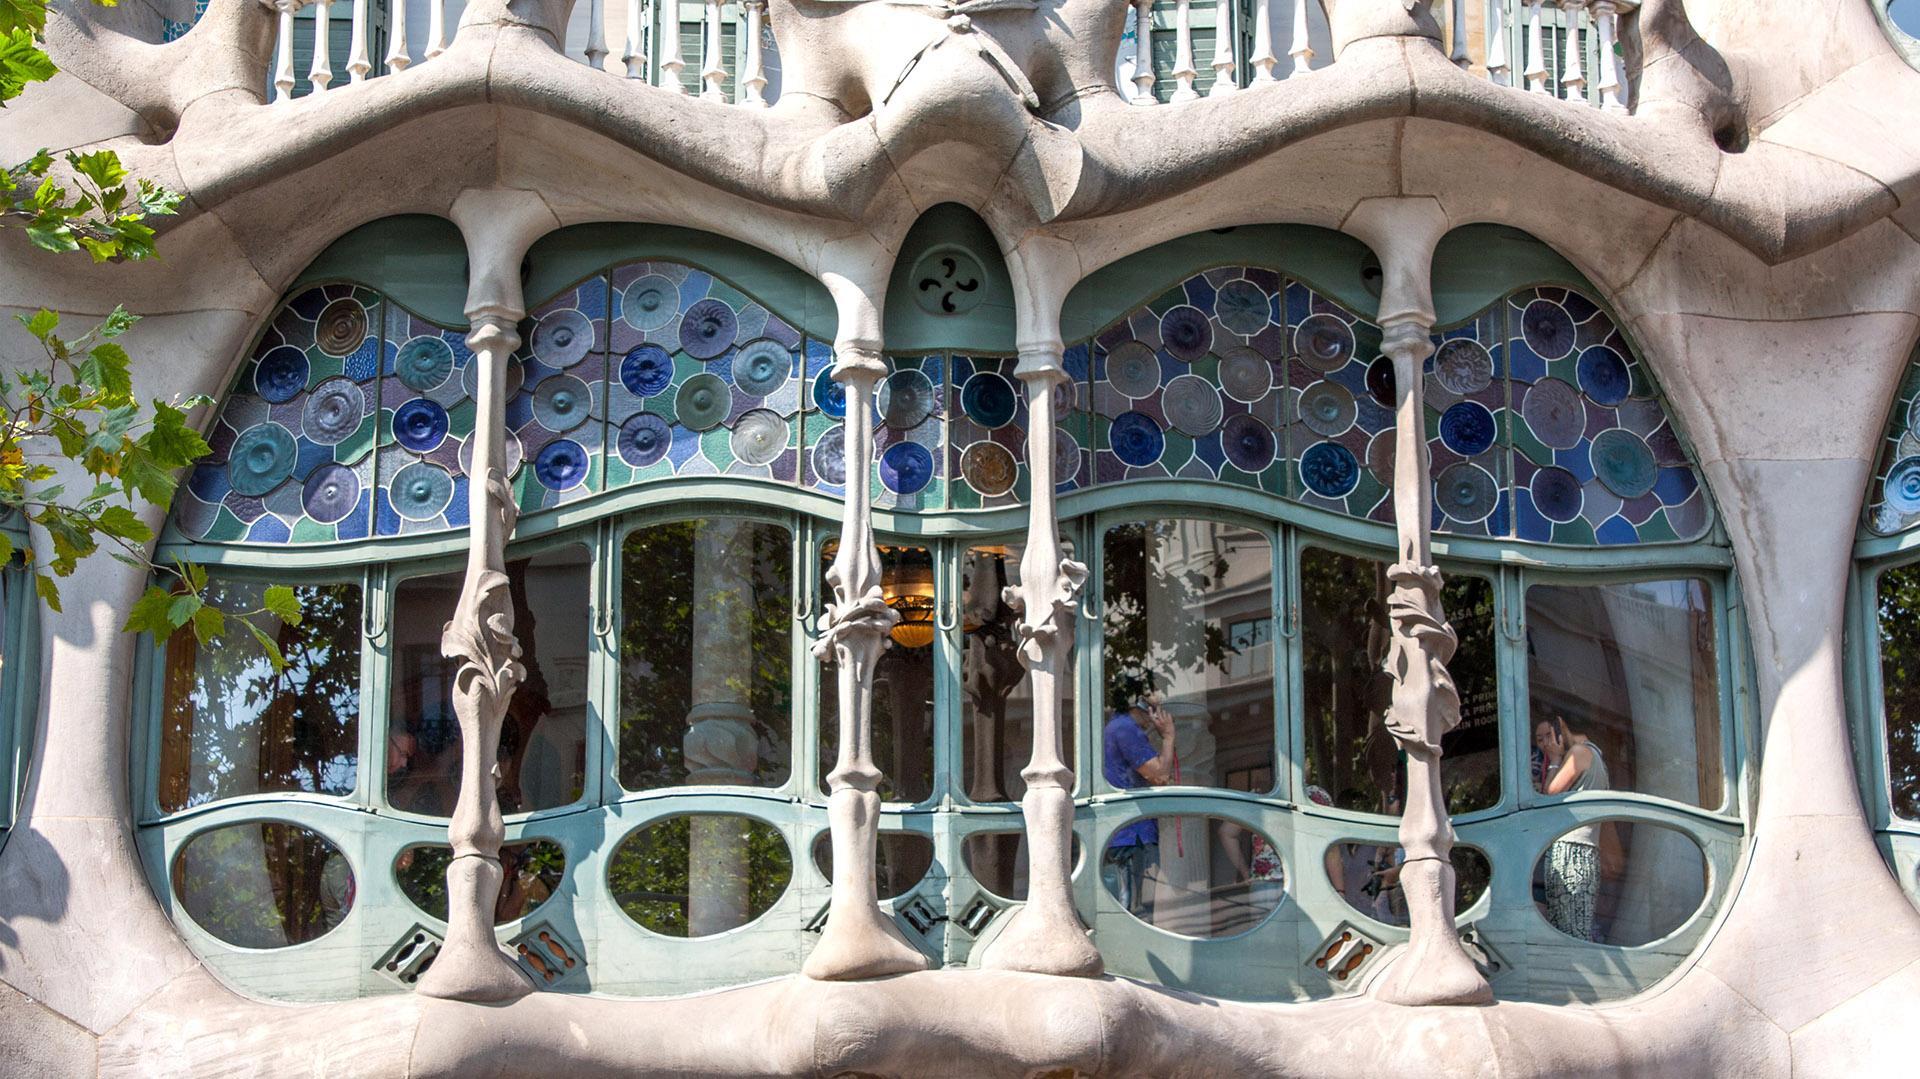 Casa Batlló fue diseñada por Gaudí para un adinerado aristócrata de Barcelona. Los primeros pisos eran para el propietario y los pisos superiores estaban destinados al alquiler. Ahora funciona como museo.